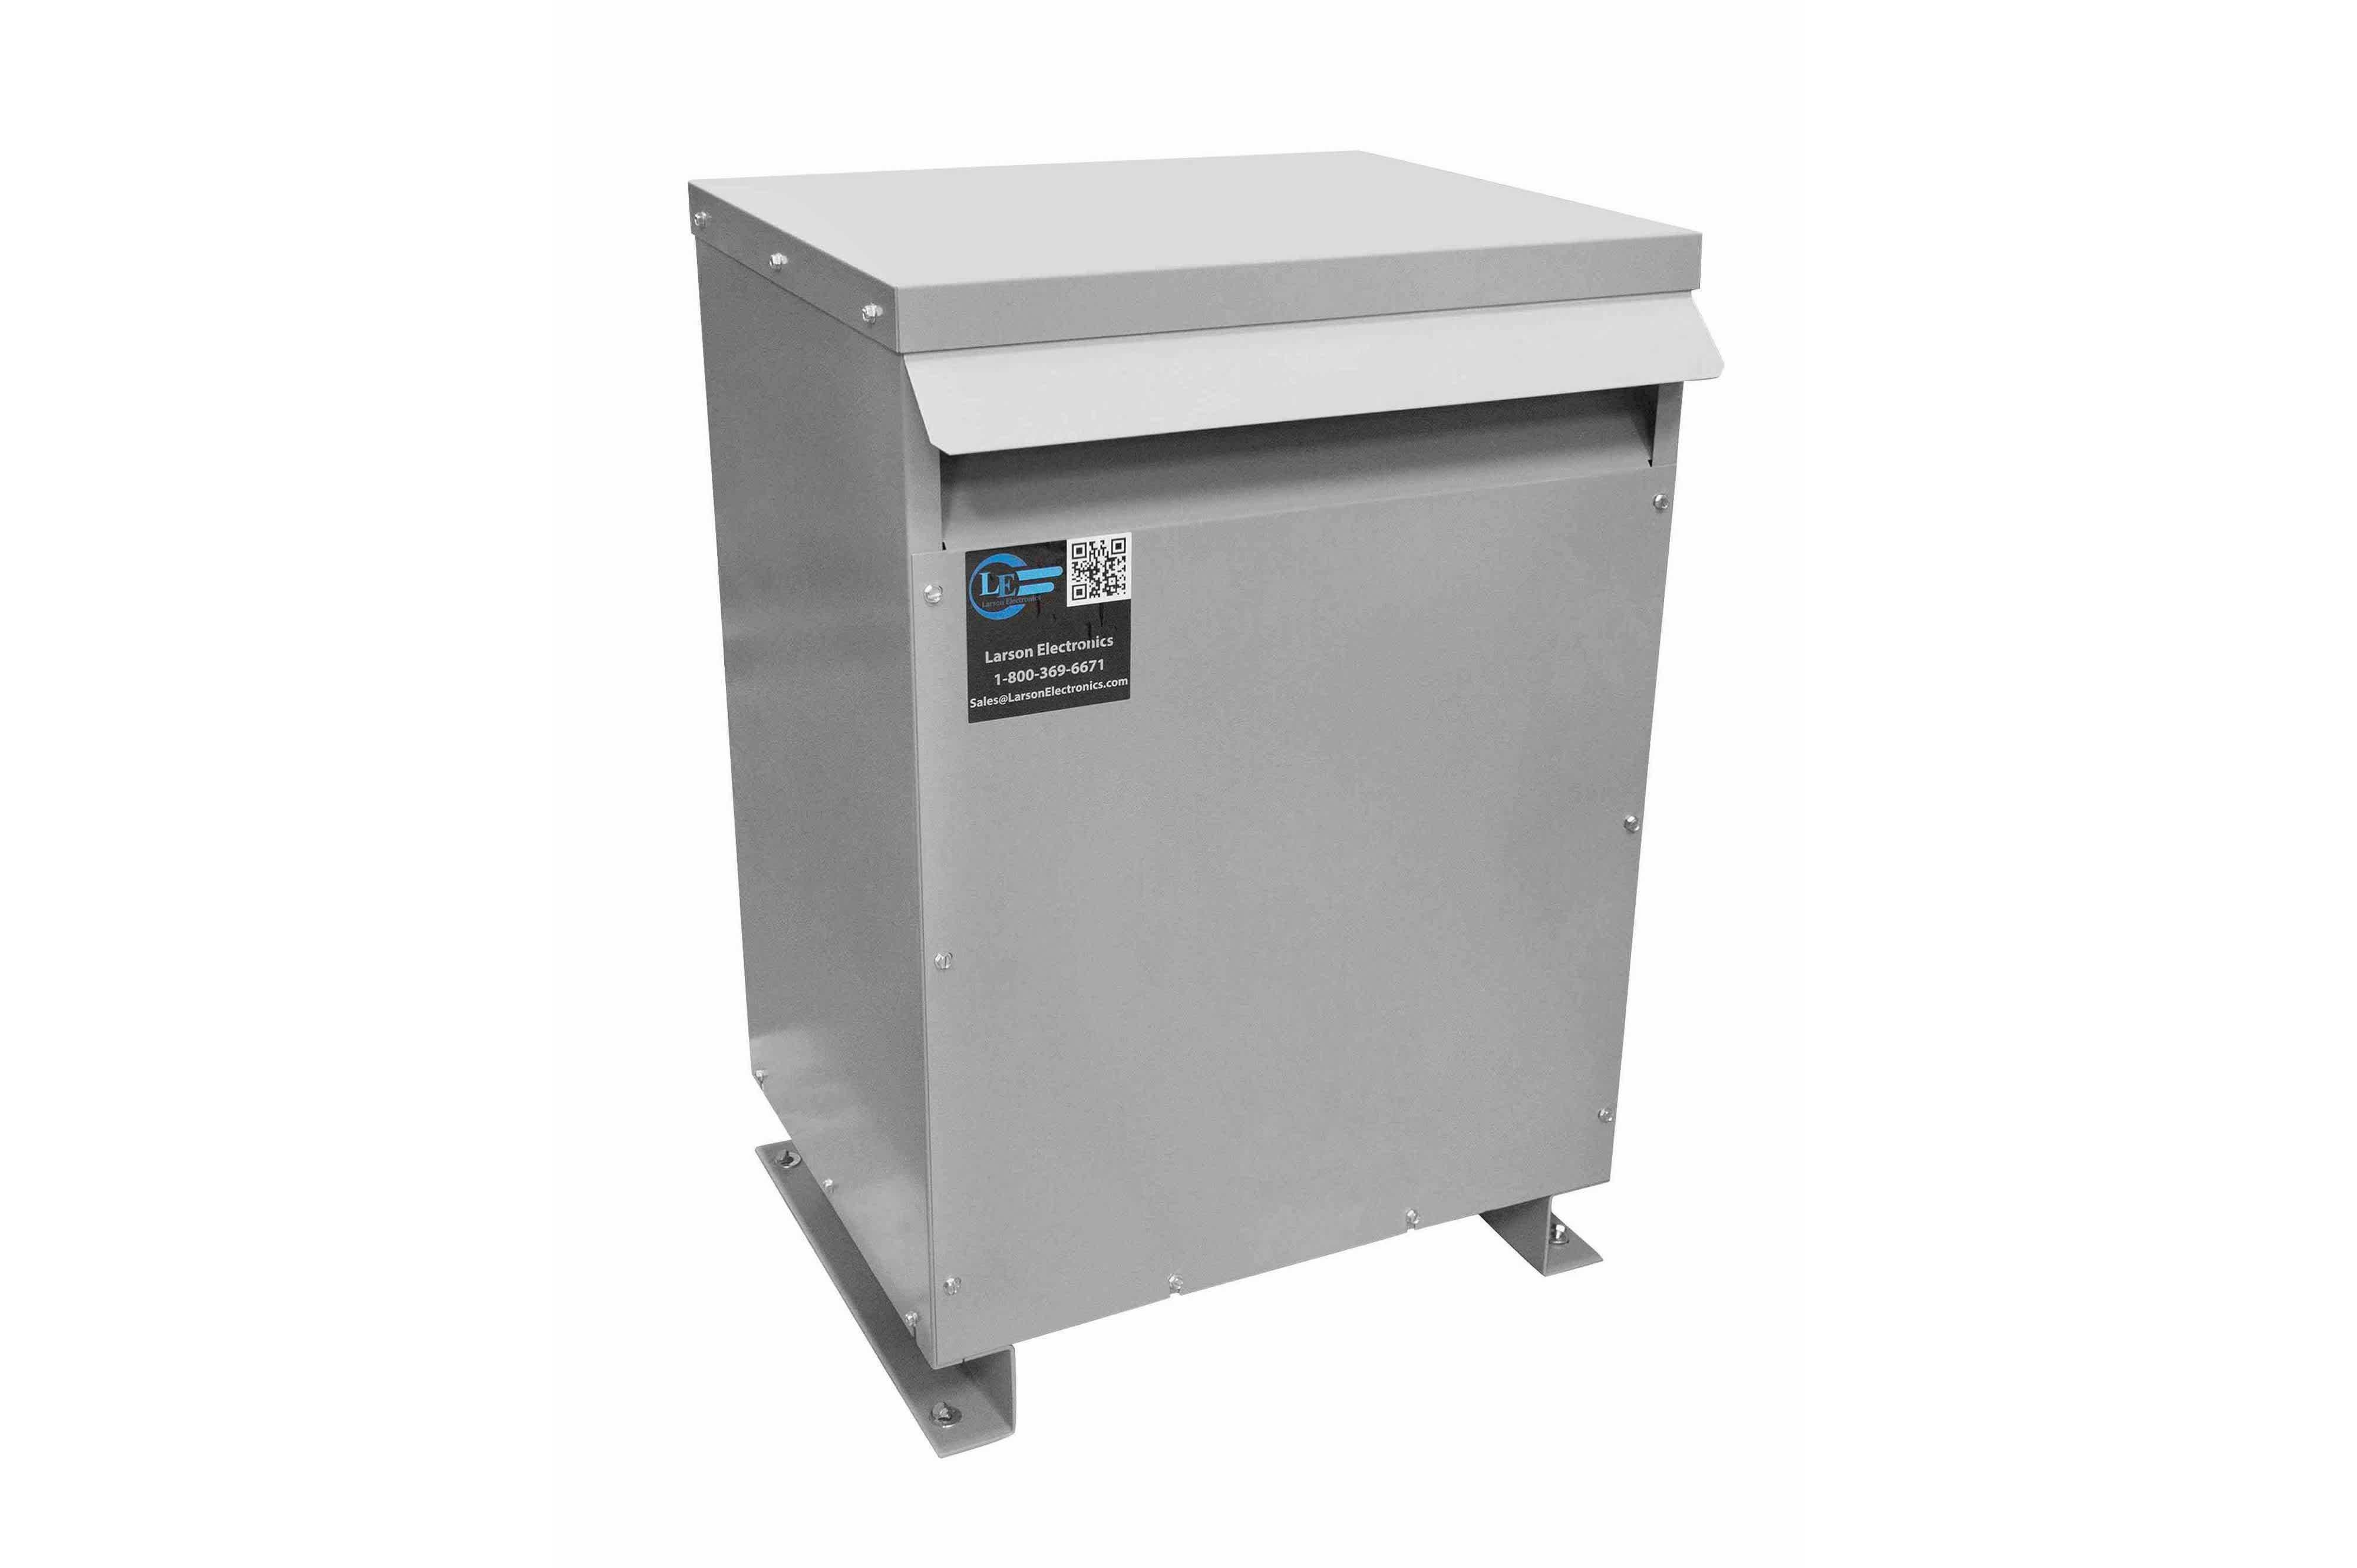 55 kVA 3PH Isolation Transformer, 480V Delta Primary, 575V Delta Secondary, N3R, Ventilated, 60 Hz